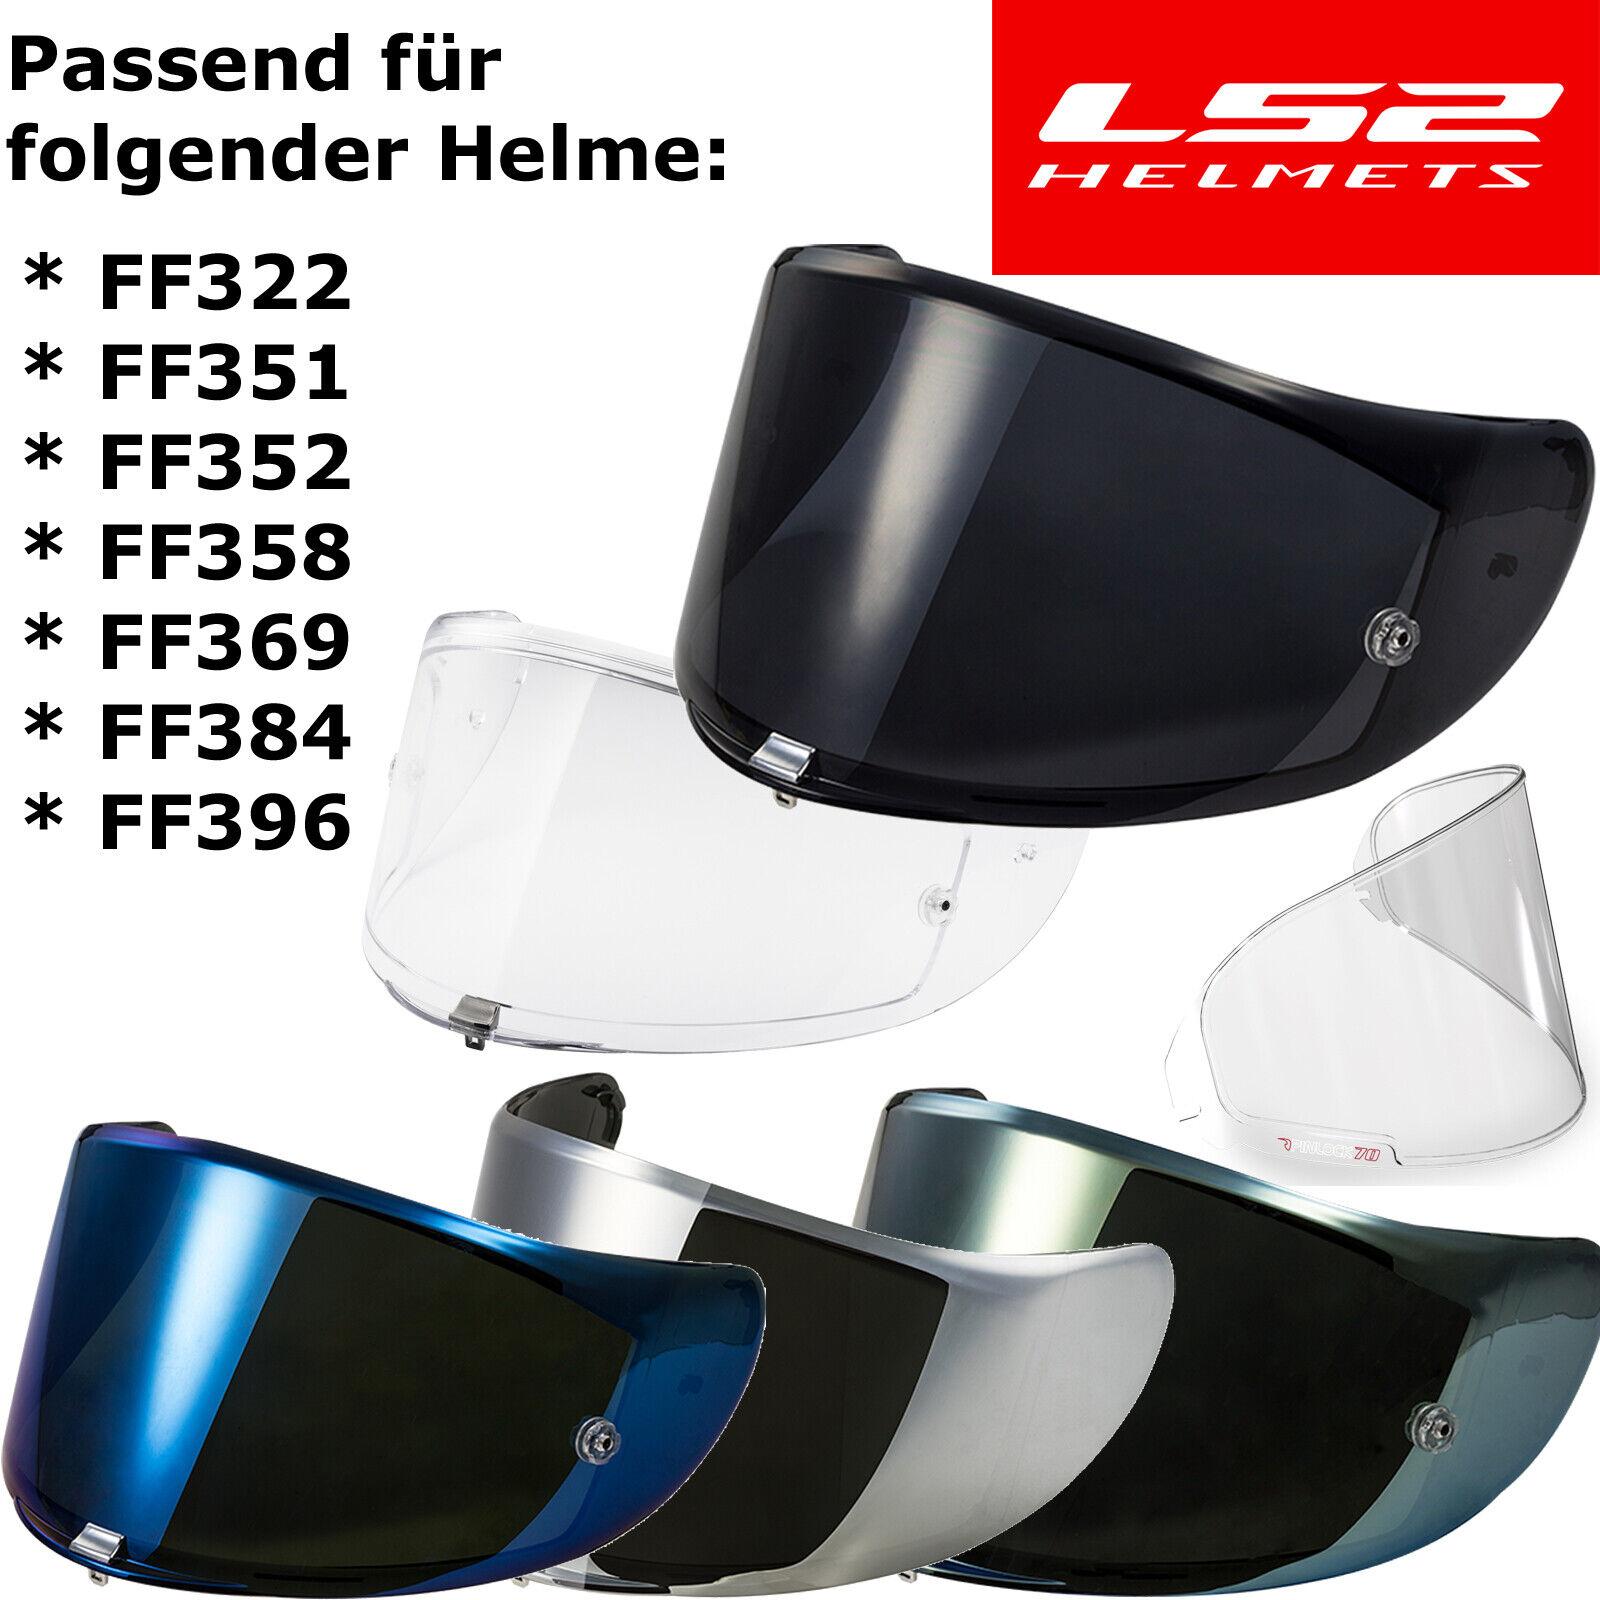 FF384 klar Pinlock vorbereitet FF352 LS2 Visier für Helm LS2 FF351 FF369